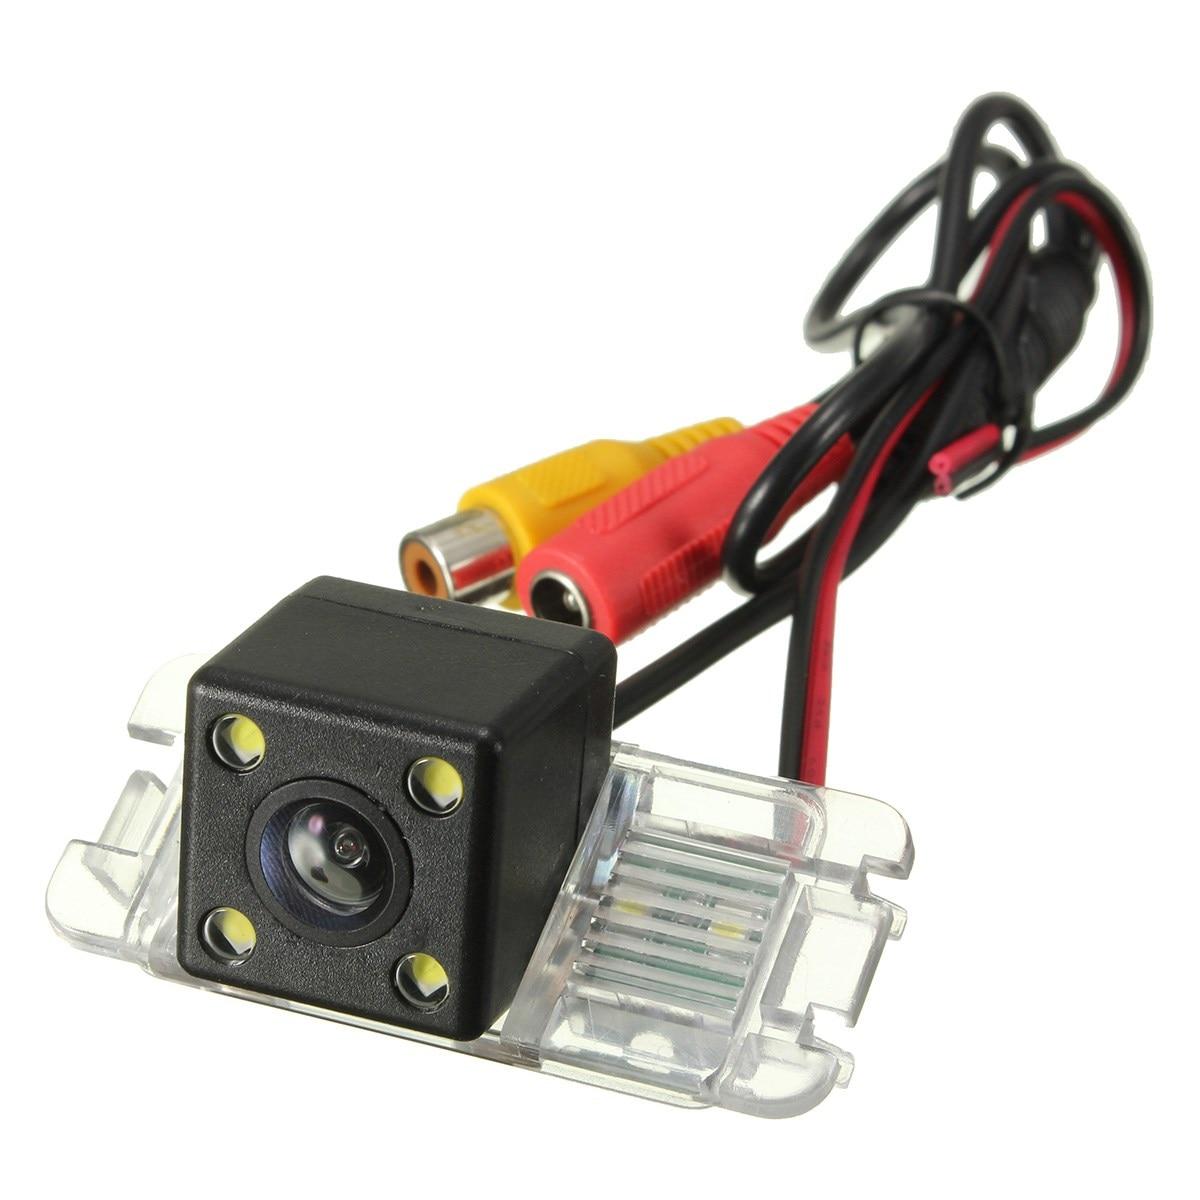 CCD Автомобильная камера заднего вида, парковочная камера заднего вида для Ford Mondeo/Ford/Focus 2/Fiesta/S Max